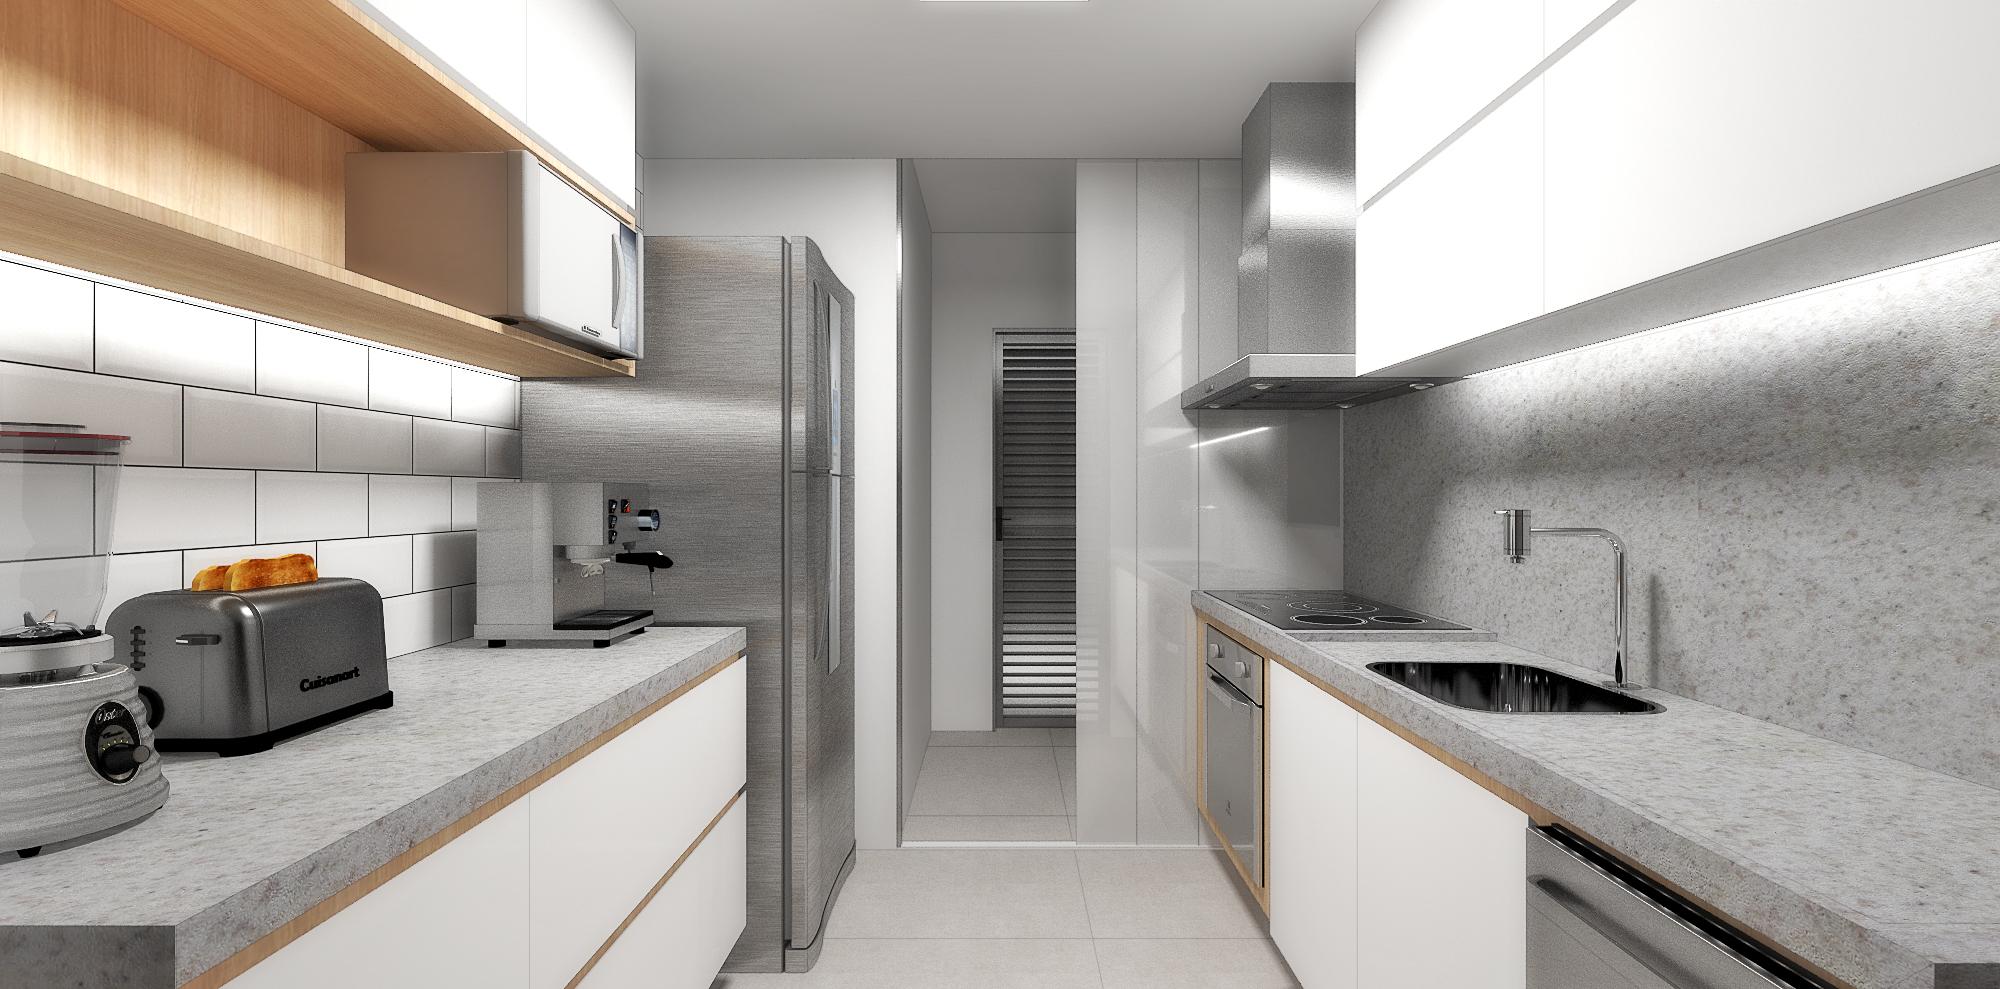 cozinha-apartamento-santo-agostinho-daniel-carvalho-arquiteto